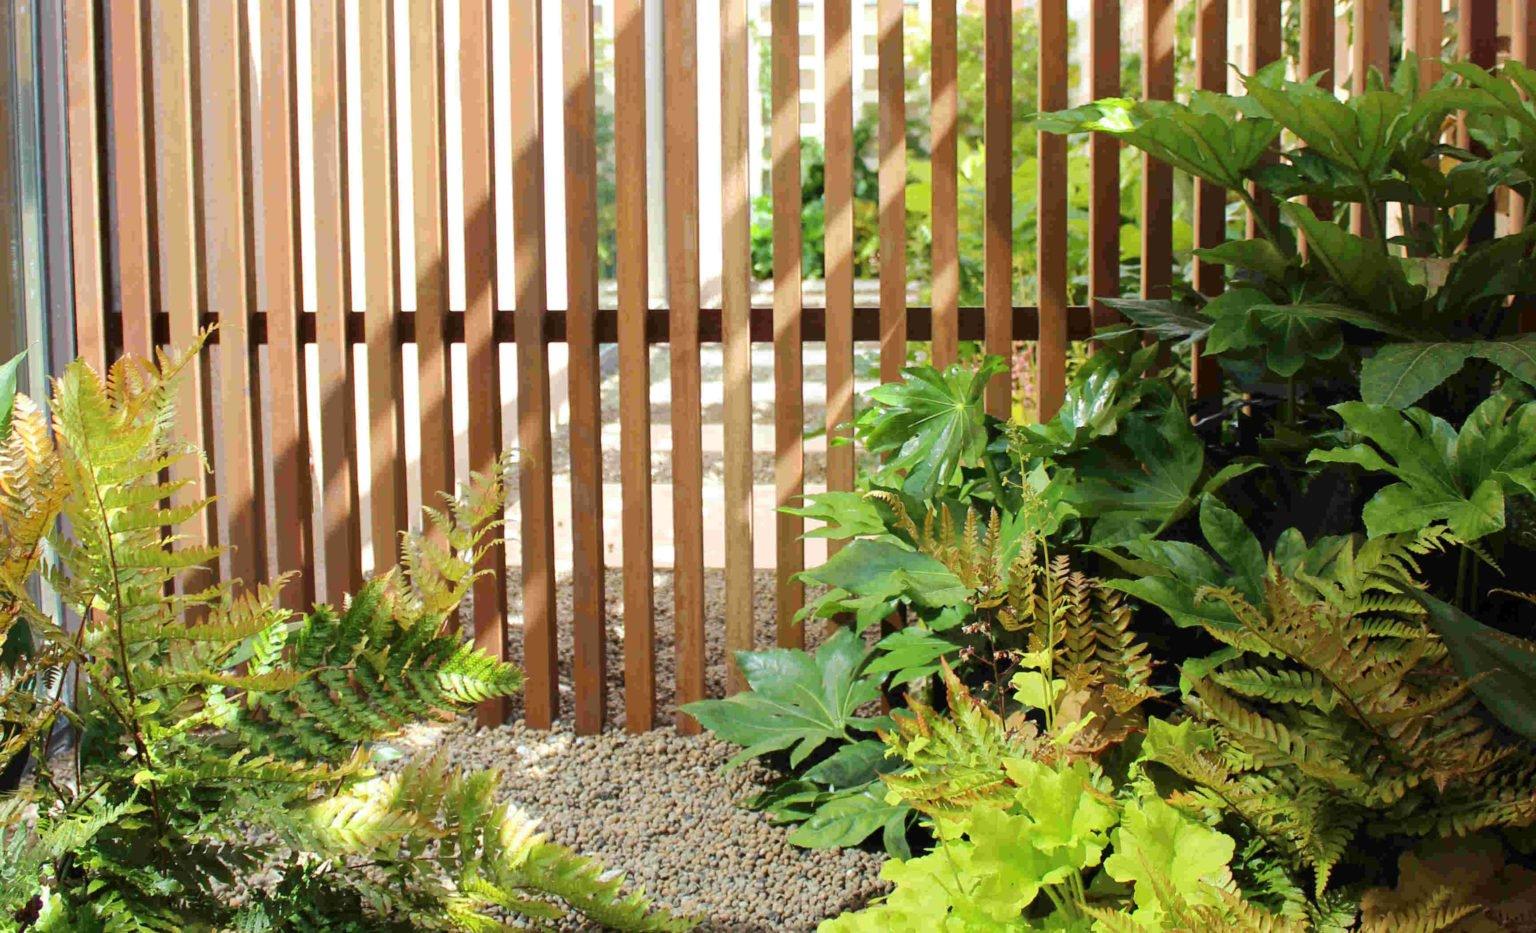 Terraza que evoca un bosque, en jardín de sombra en Madrid